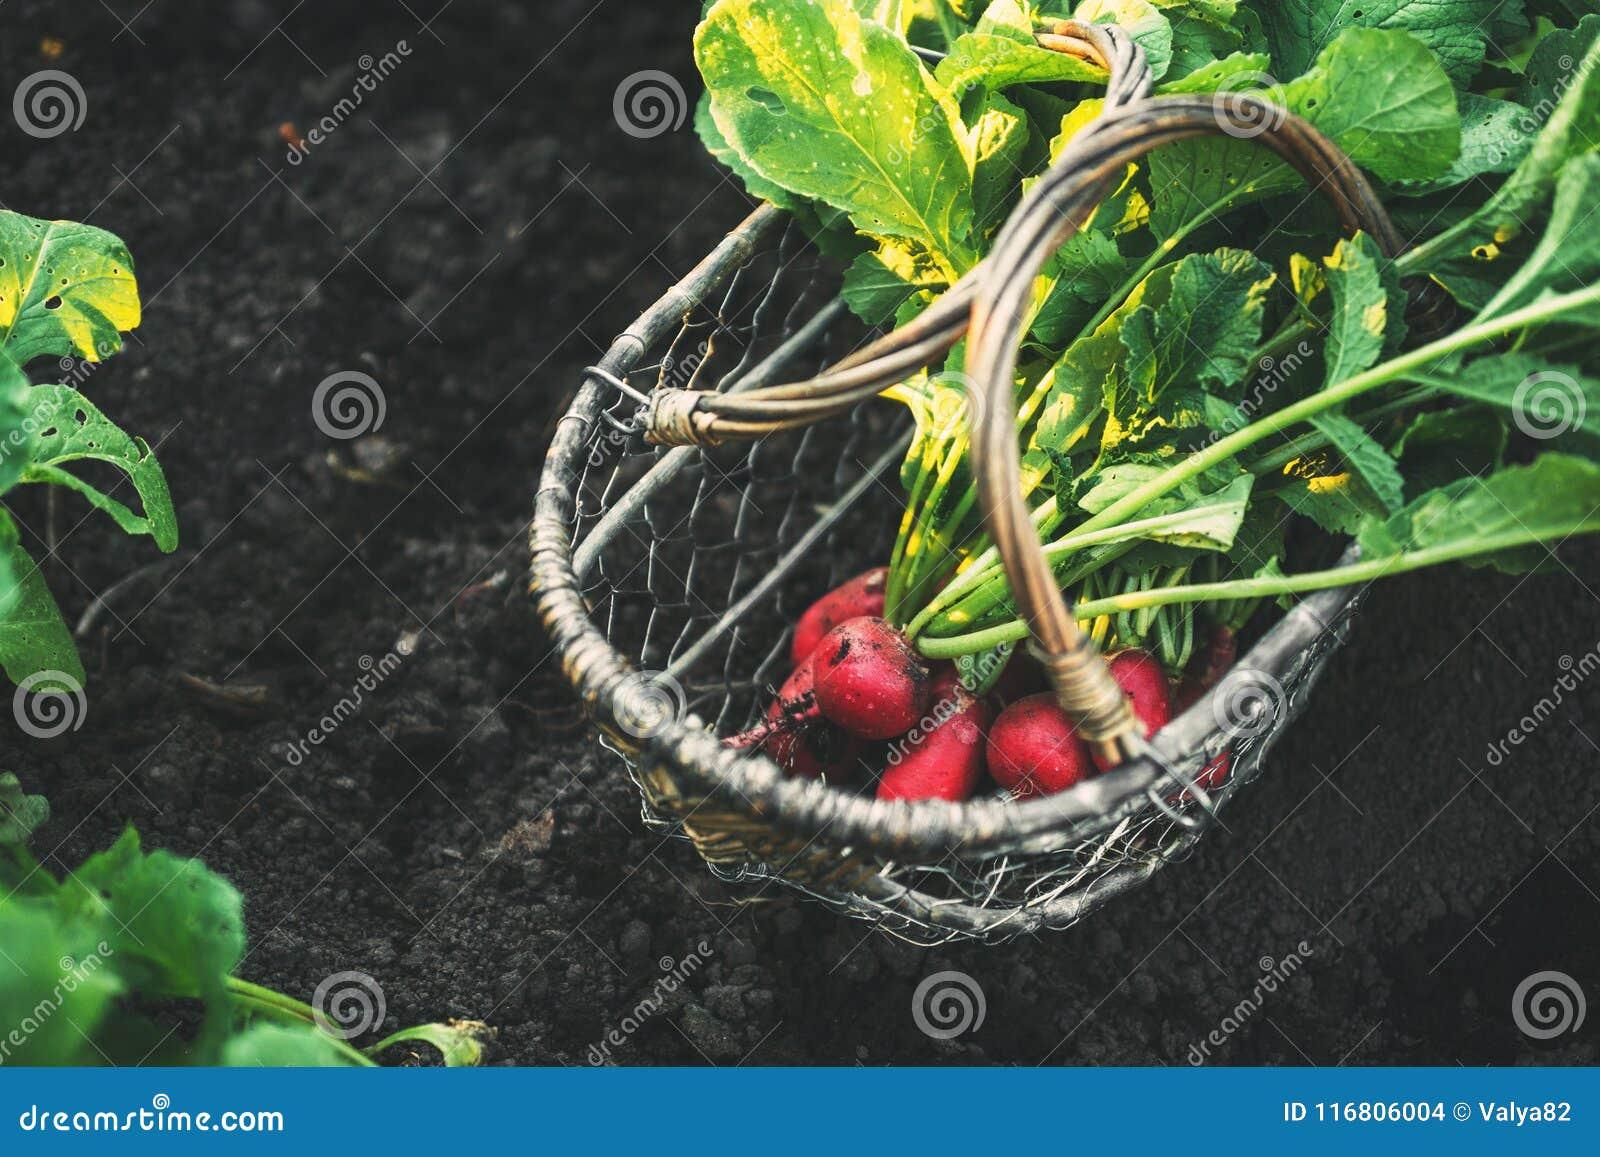 Ravanelli rossi freschi con le foglie in un canestro